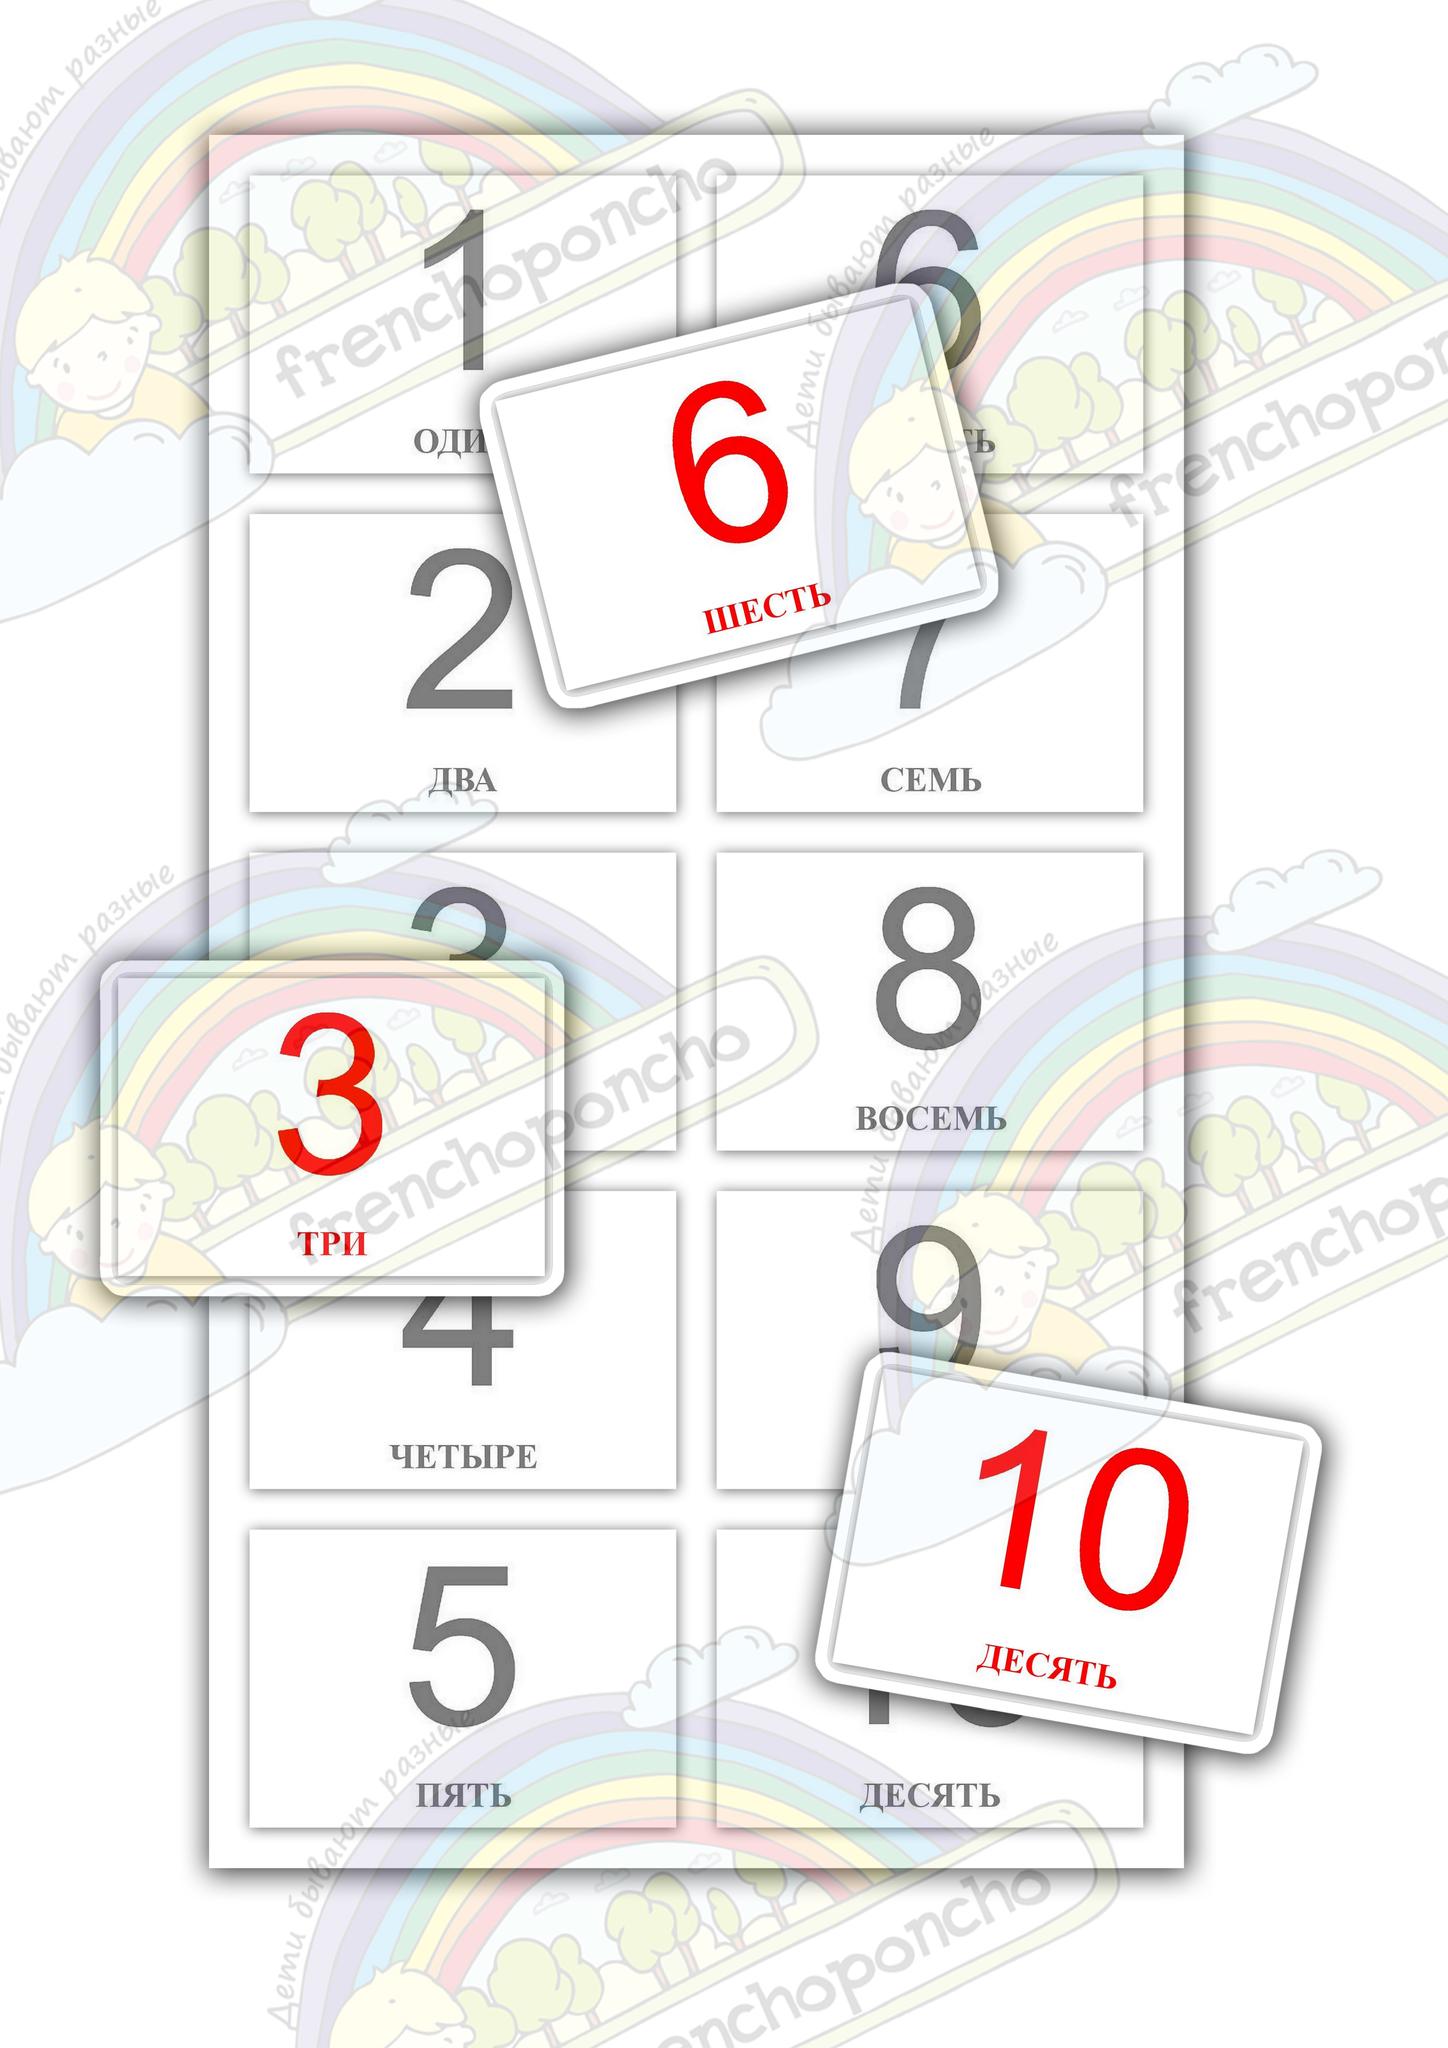 Учим цифры 1-10. Развивающие пособия на липучках Frenchoponcho (Френчопончо)